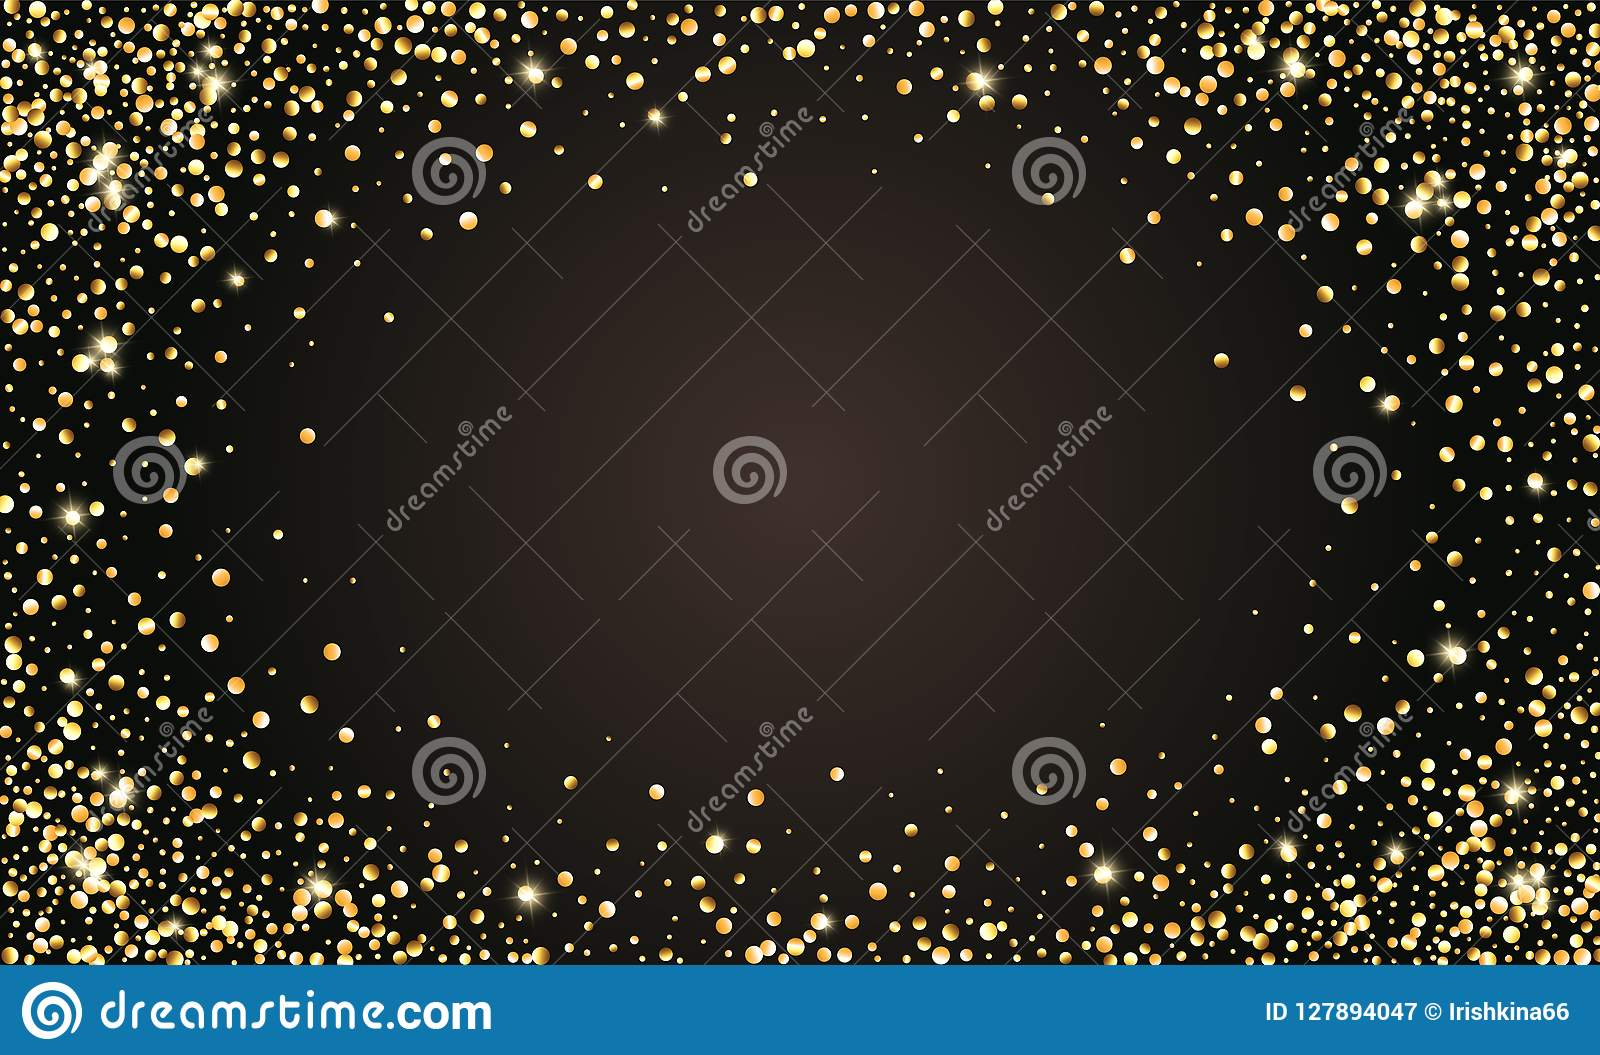 Vector festlichen schwarzen Hintergrund, goldenen funkelnden Konfettirahmen für Einladungen, Jahrestag, Feiergeburtstag